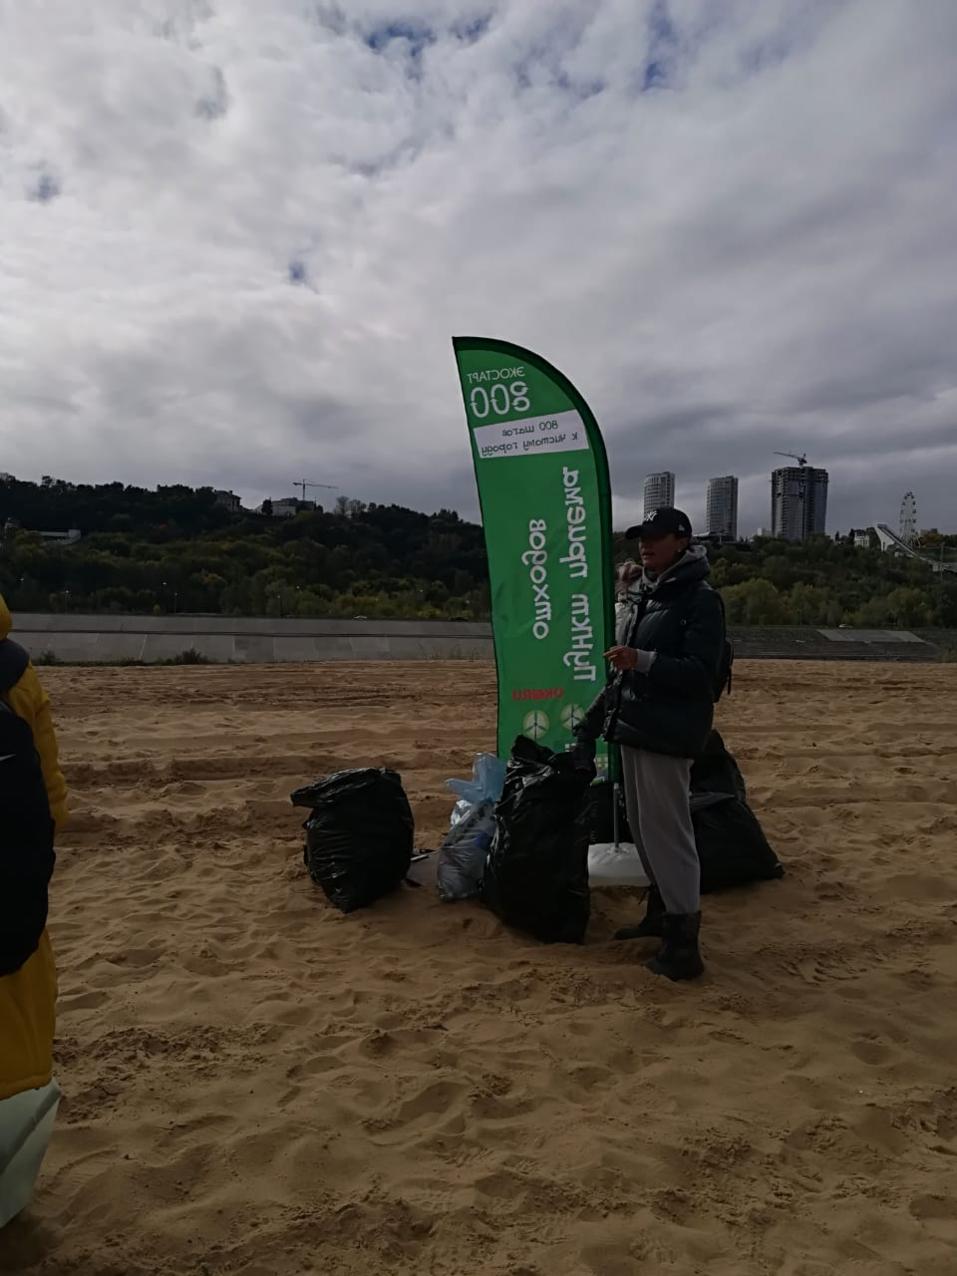 экологический квест на гребневских песках 18 сентября 2021 года